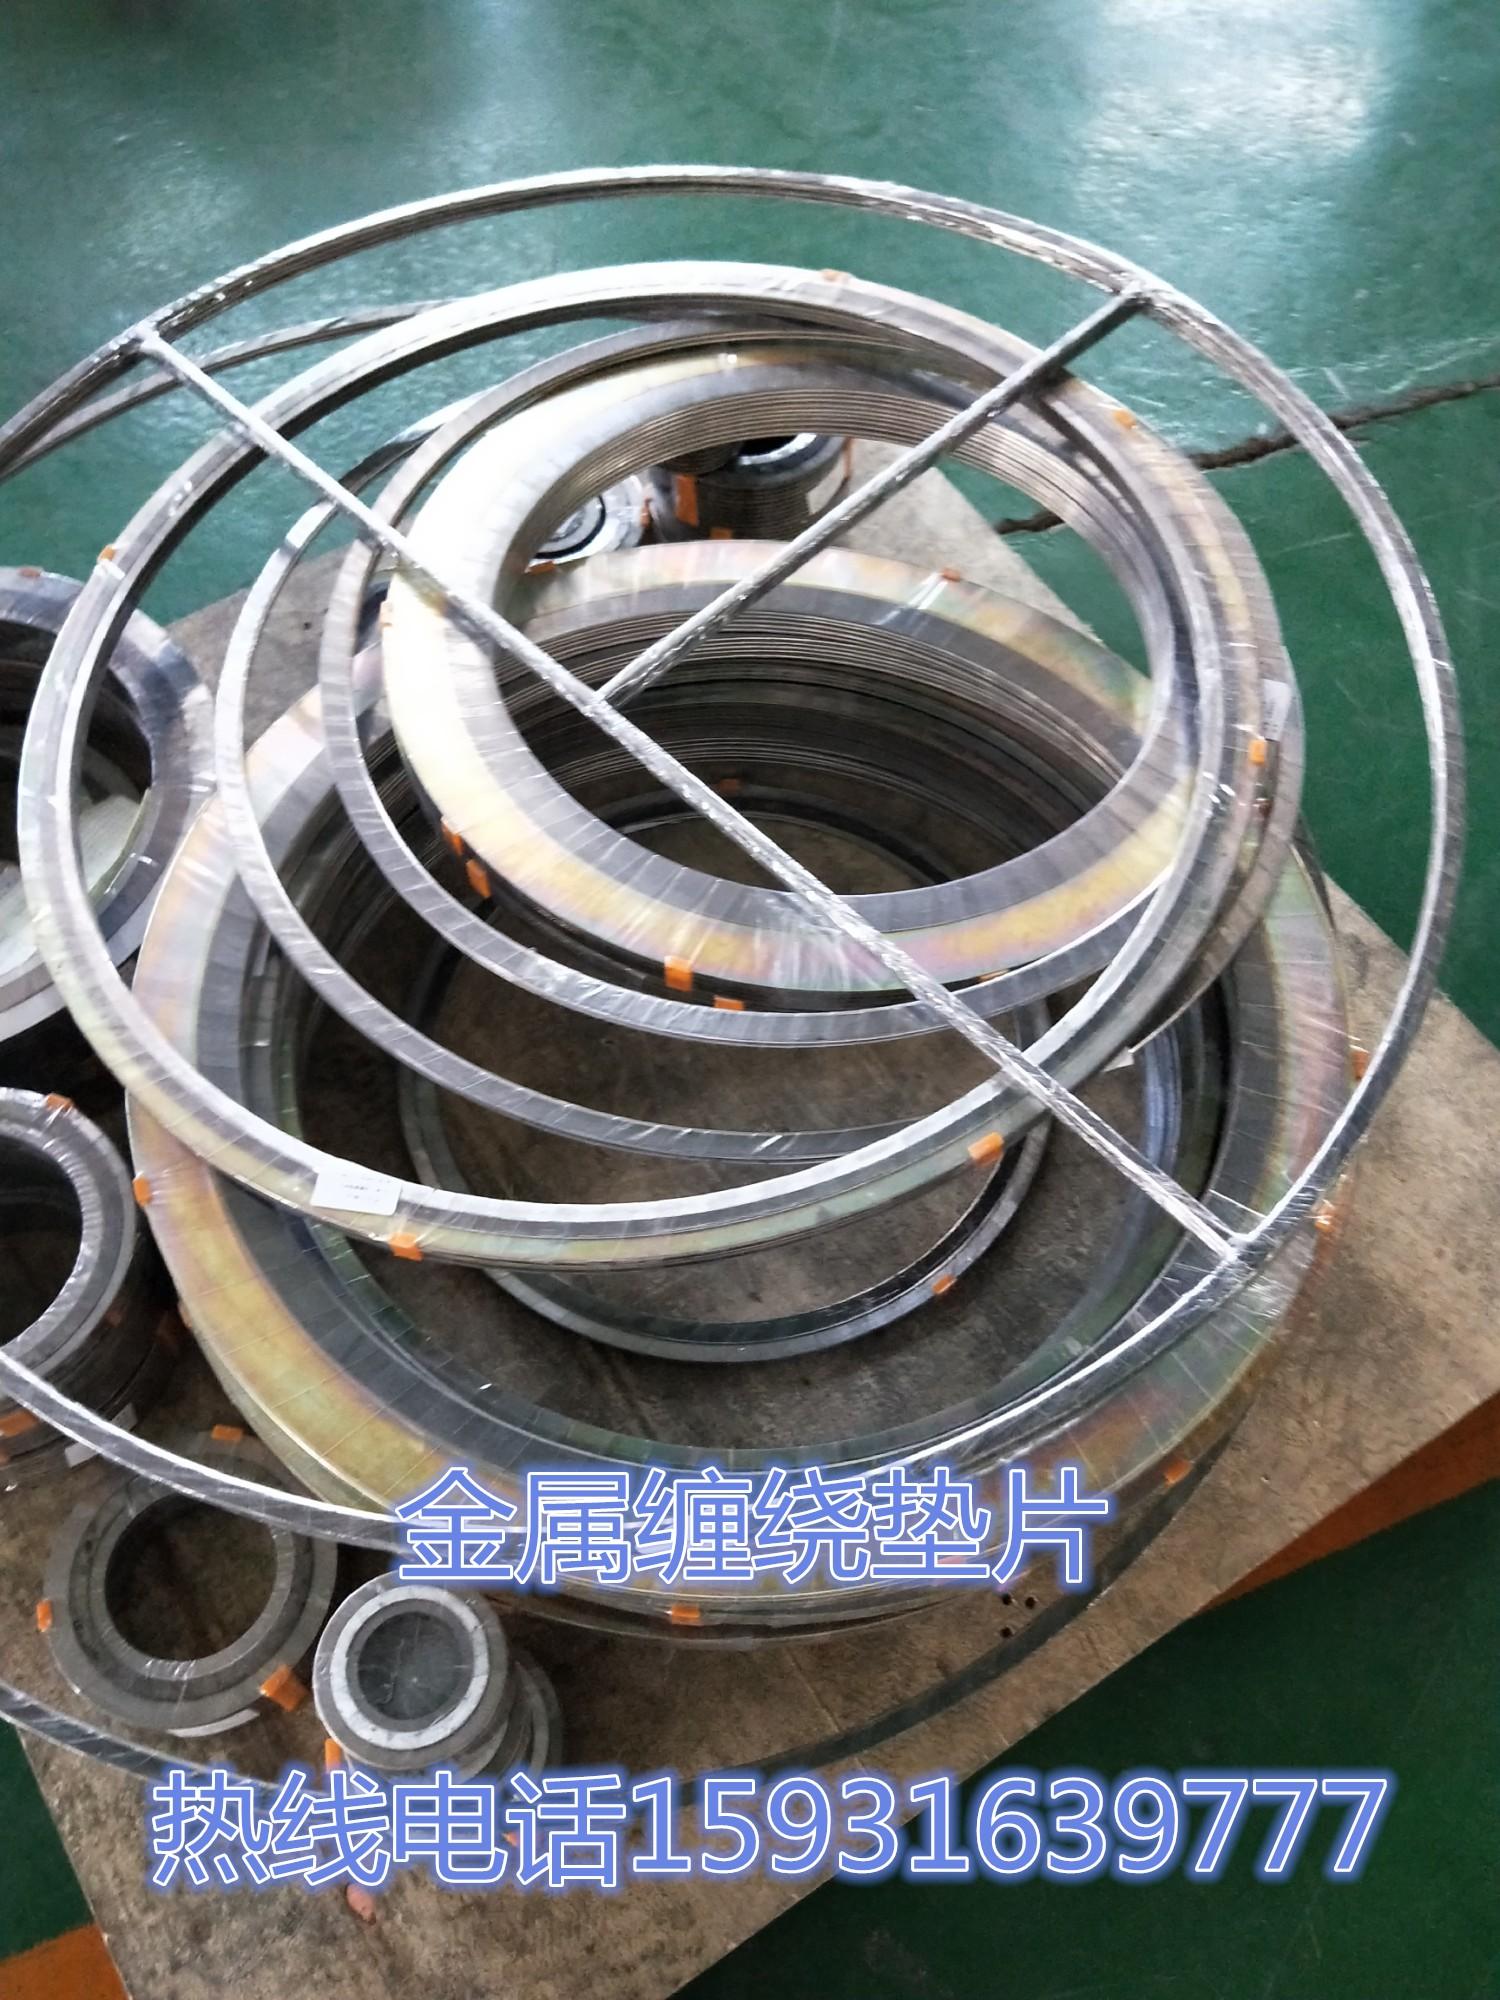 乐山122212212222316内外环金属缠绕垫片使用寿命长